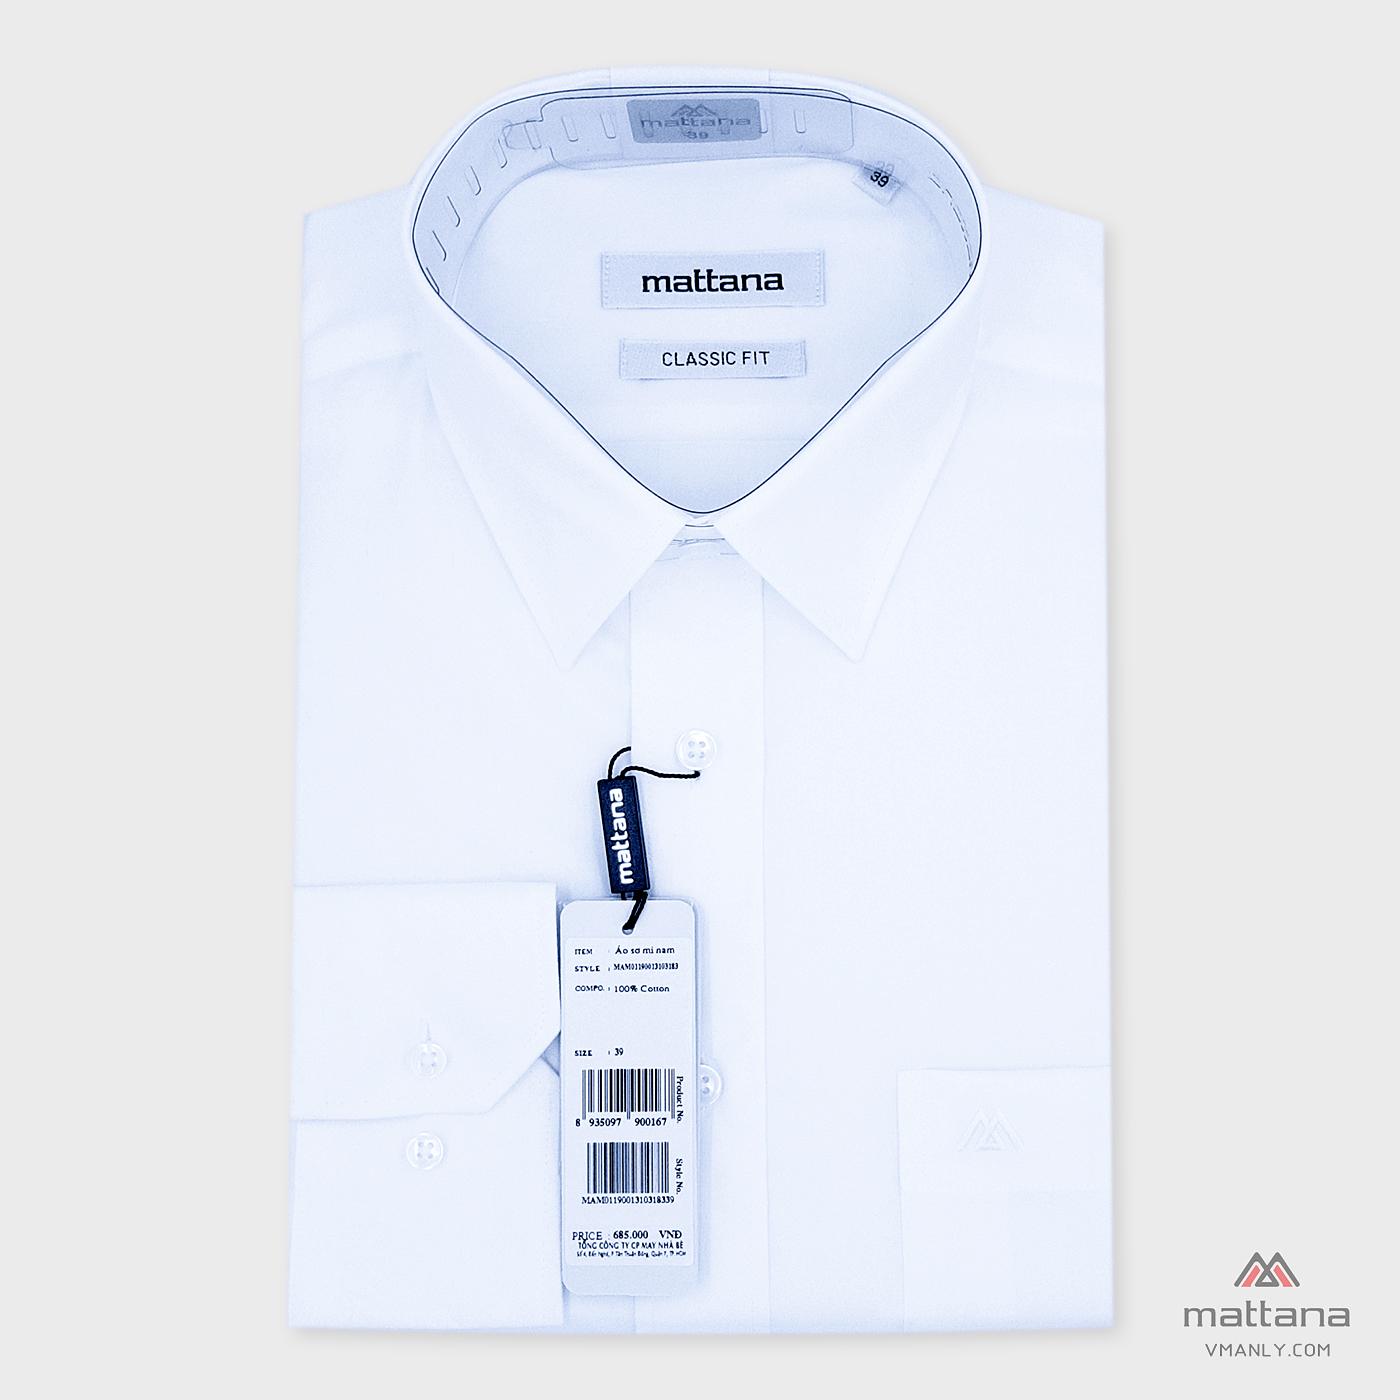 Áo sơ mi nam dài tay Mattana classic fit màu trắng trơn MAM01190013103183